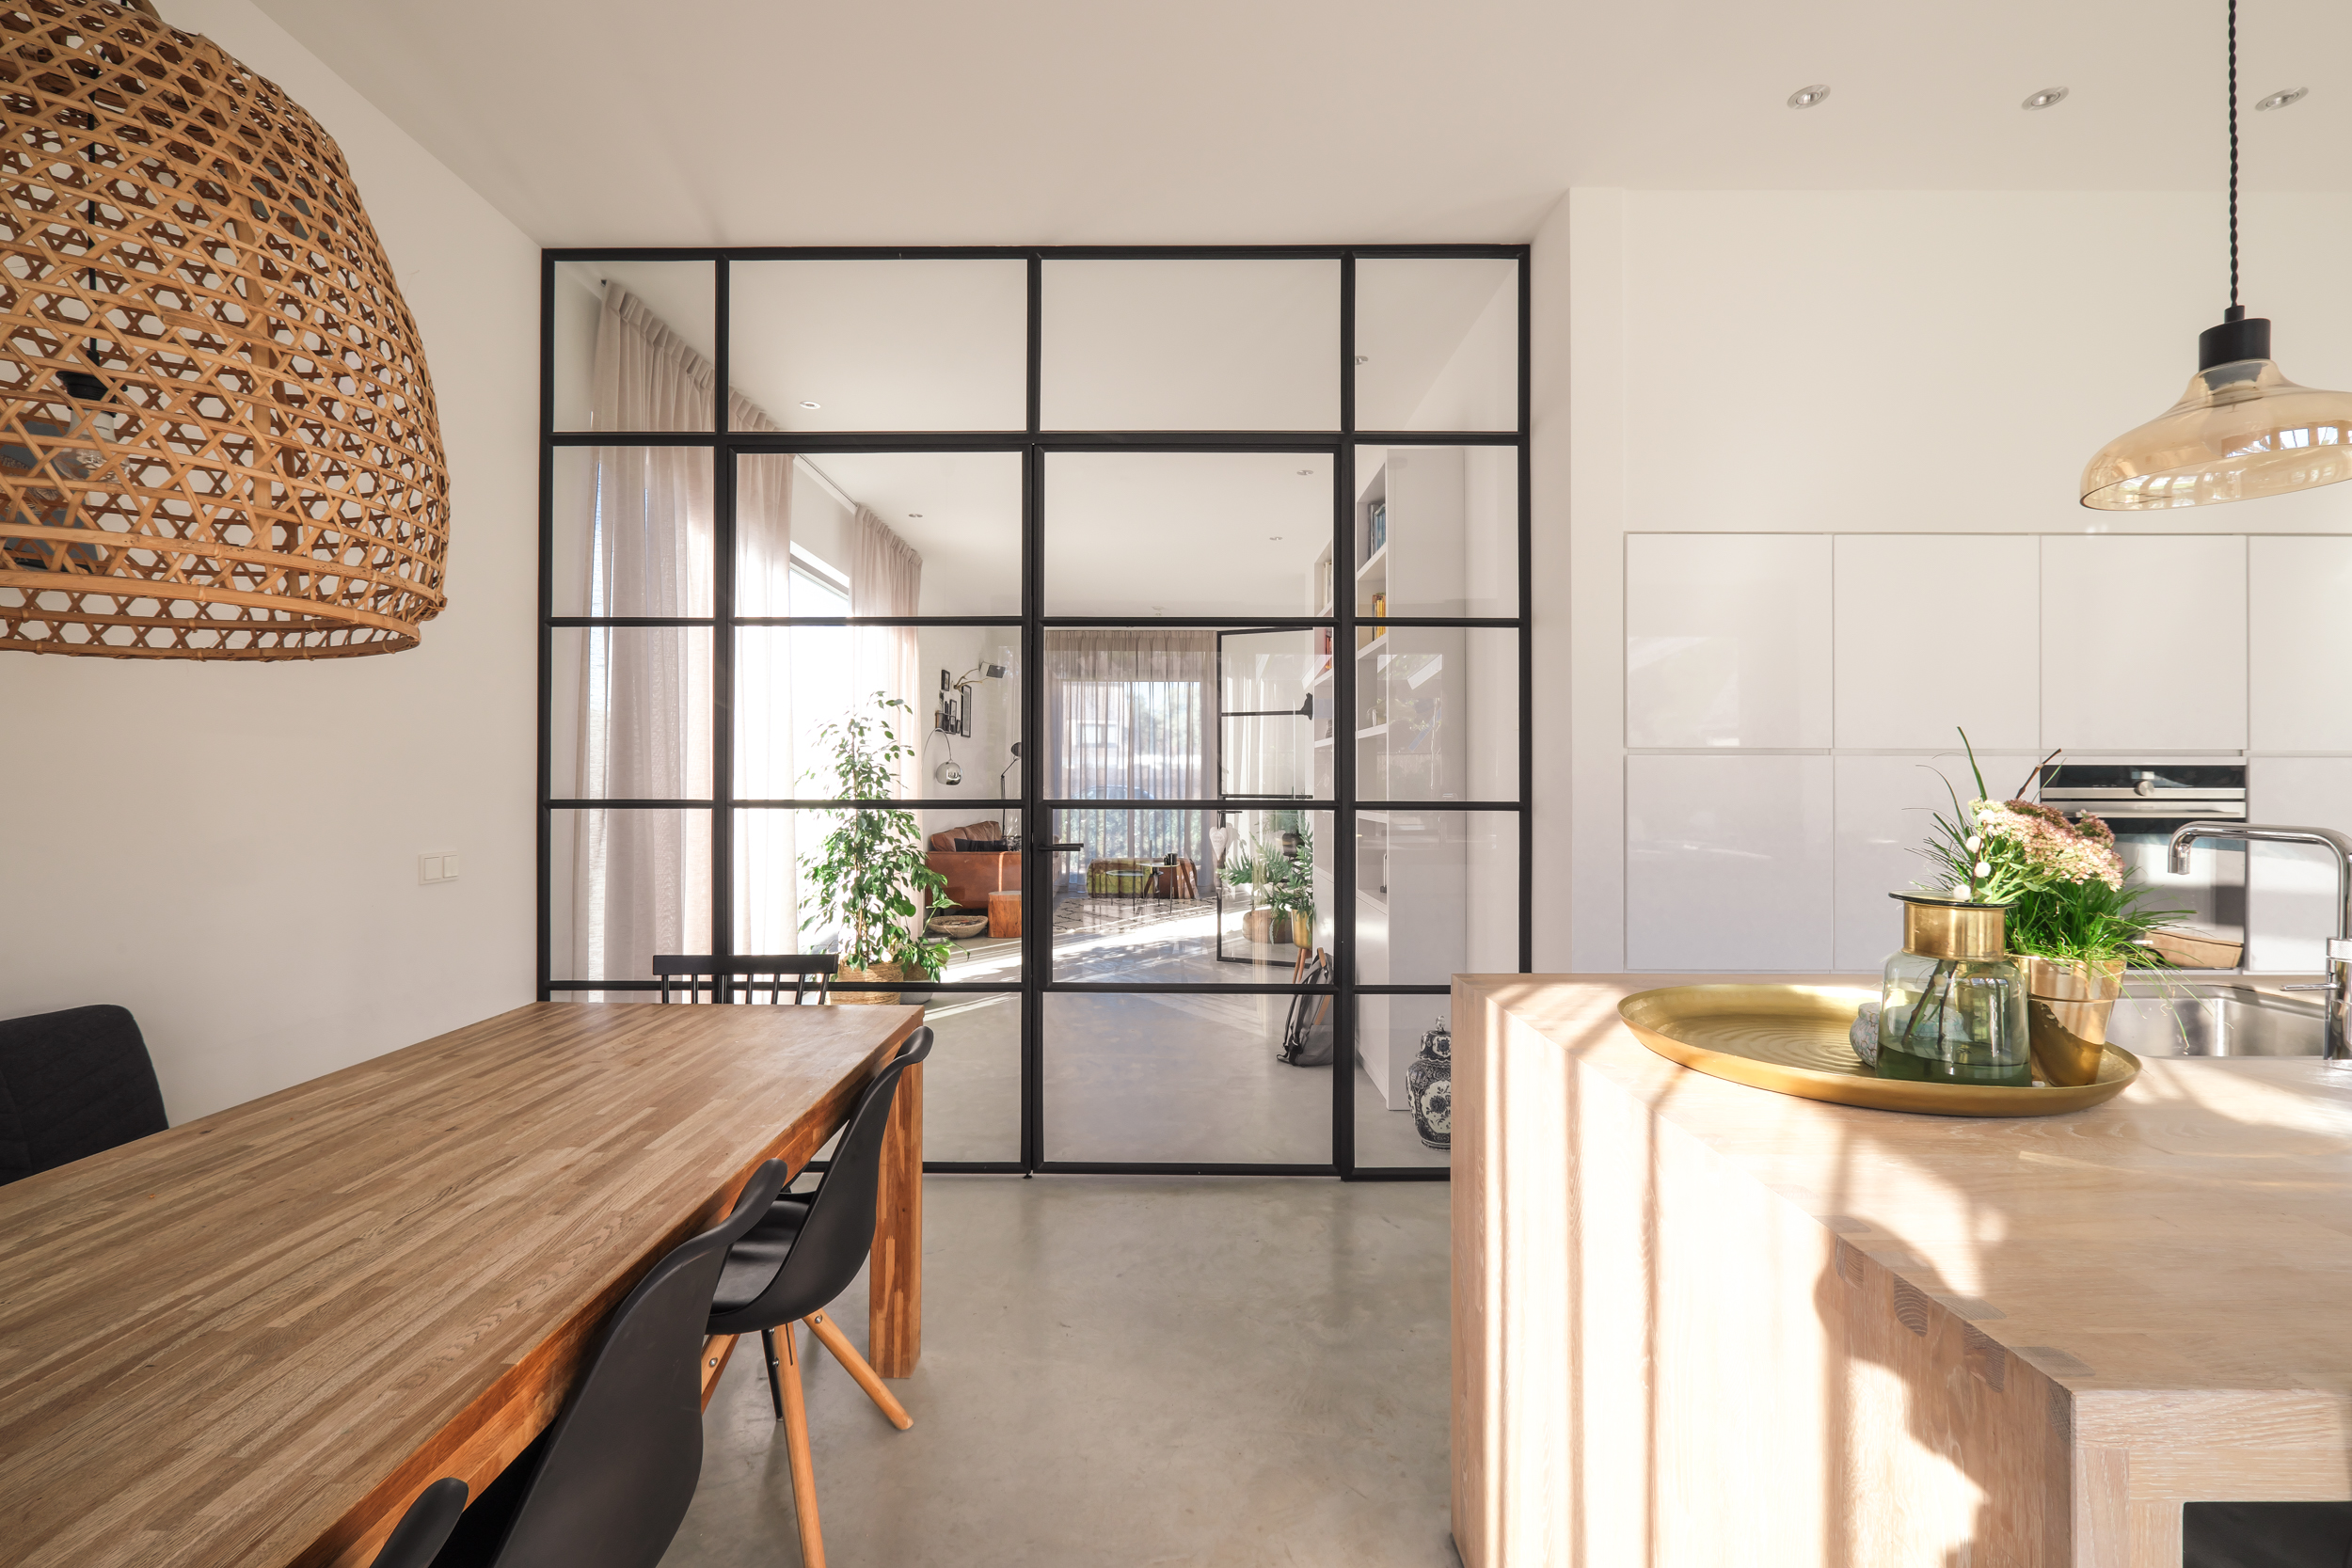 van-os-architecten-nieuwbouw-woning-Hoge-Gouw-Teteringen-stalen-pui-tussen-zitkamer-en-woonkeuken